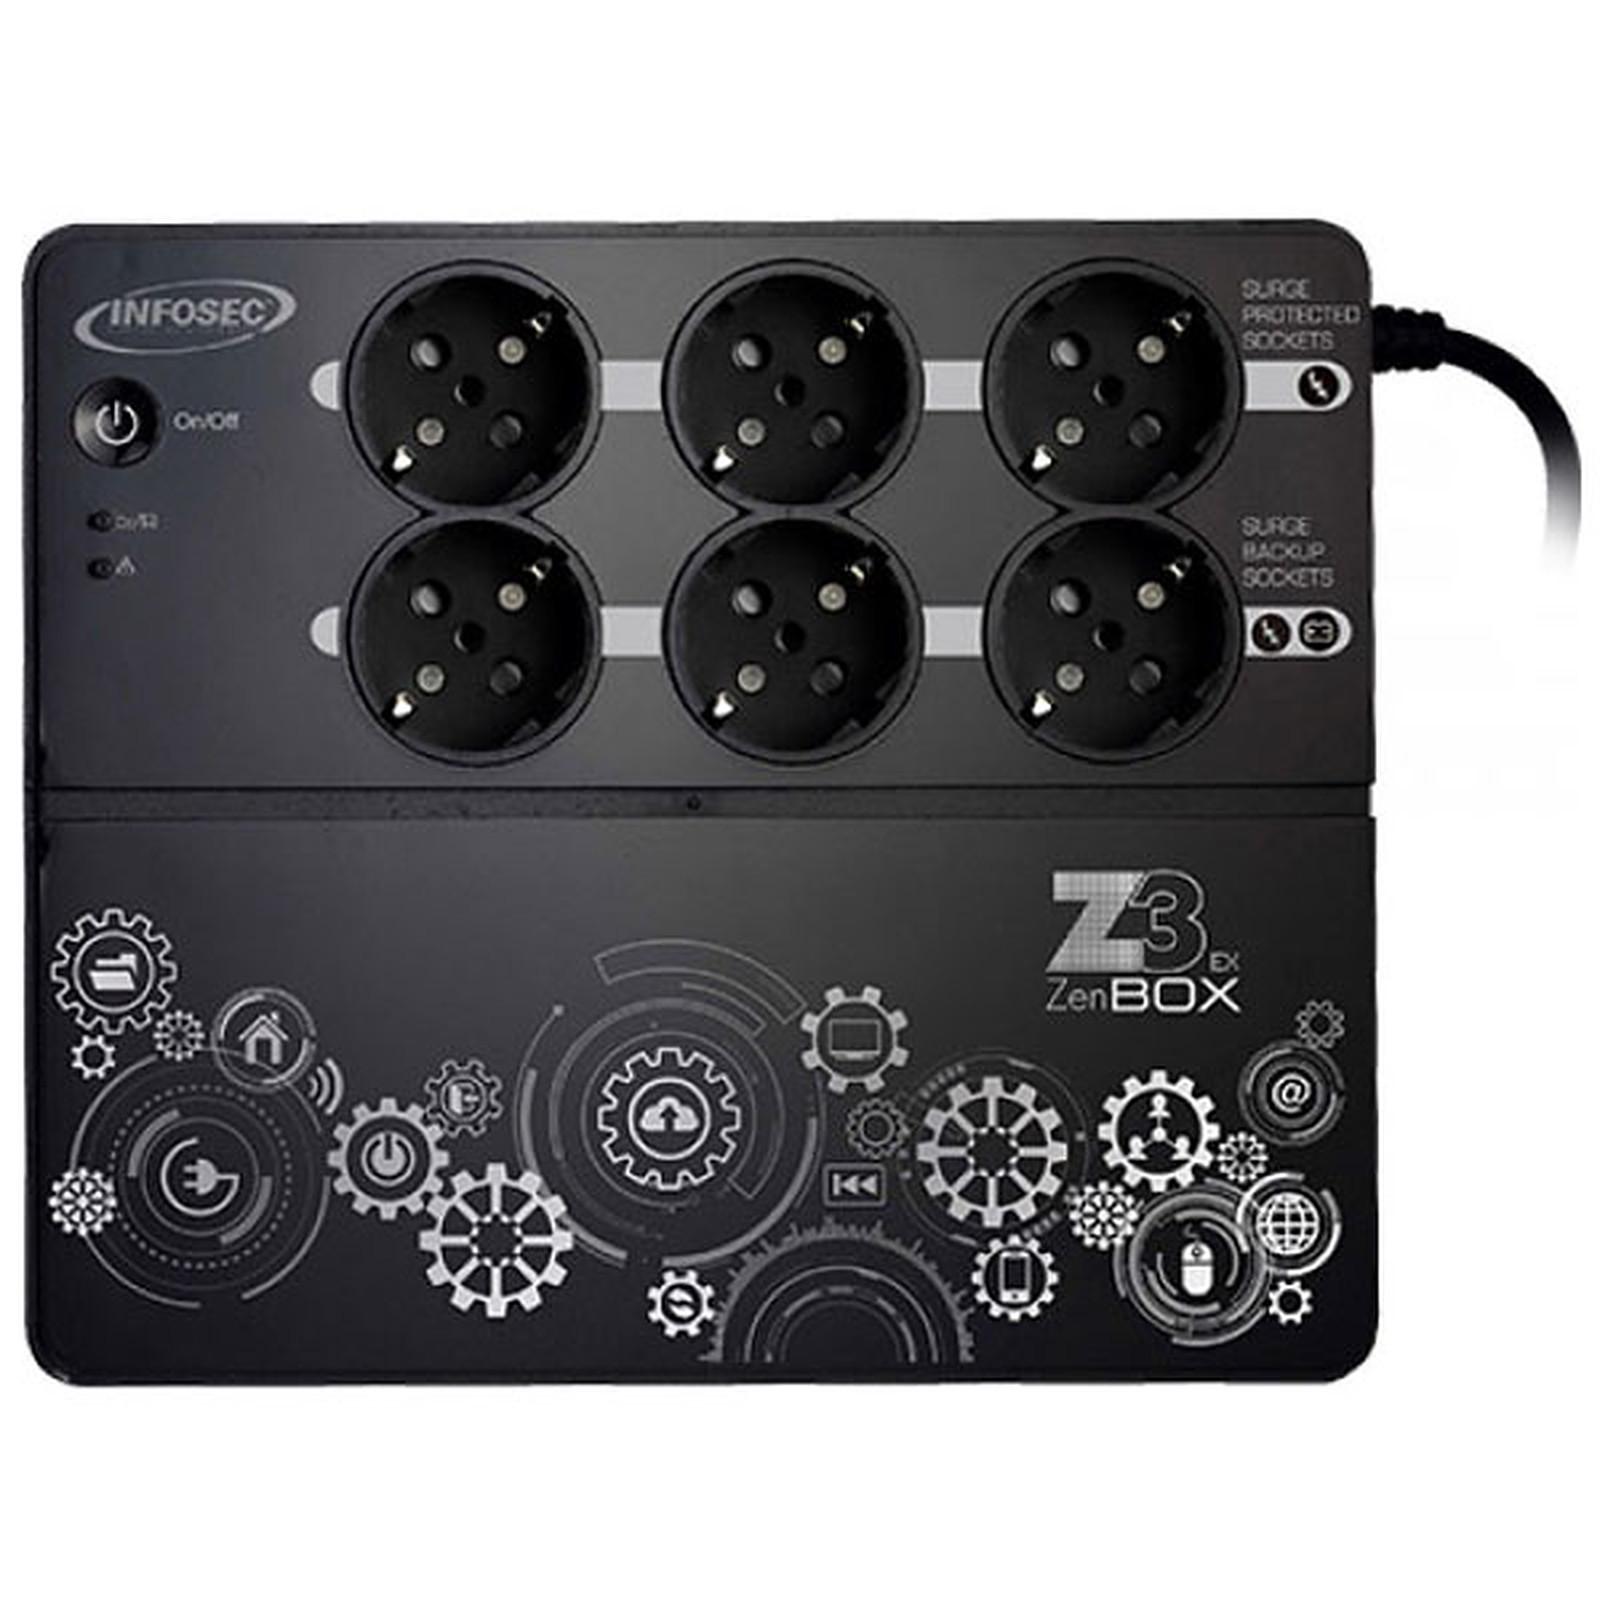 Infosec Z3 ZenBox EX 500